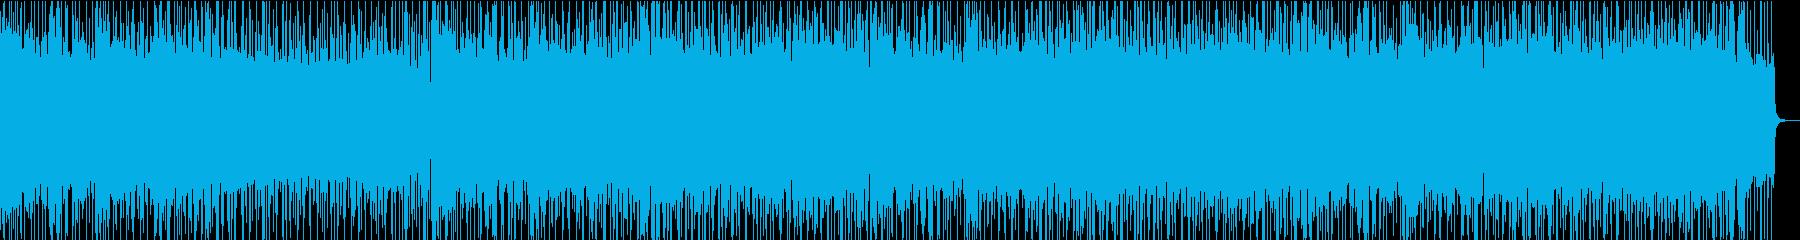 ヘビーメタル、メタリカ風リフ、三連符の再生済みの波形